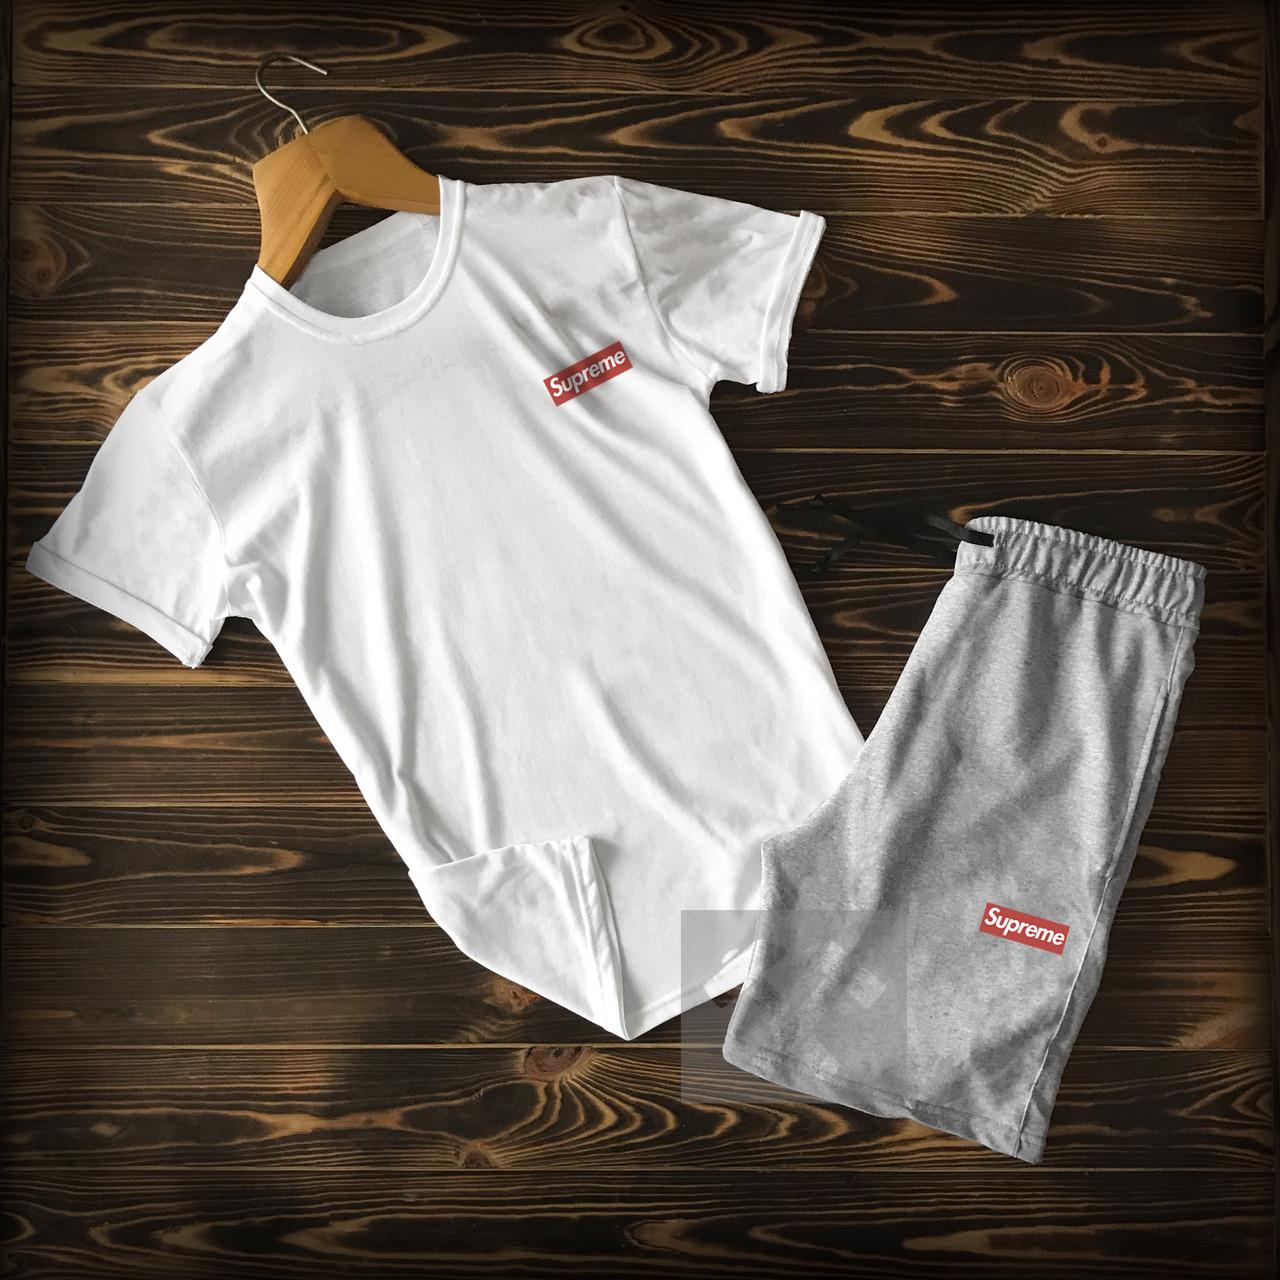 7a3adf5a Мужской комлект Supreme, шорты и футболка (белый/серый), цена 520 грн.,  купить в Хмельницком — Prom.ua (ID#940468467)